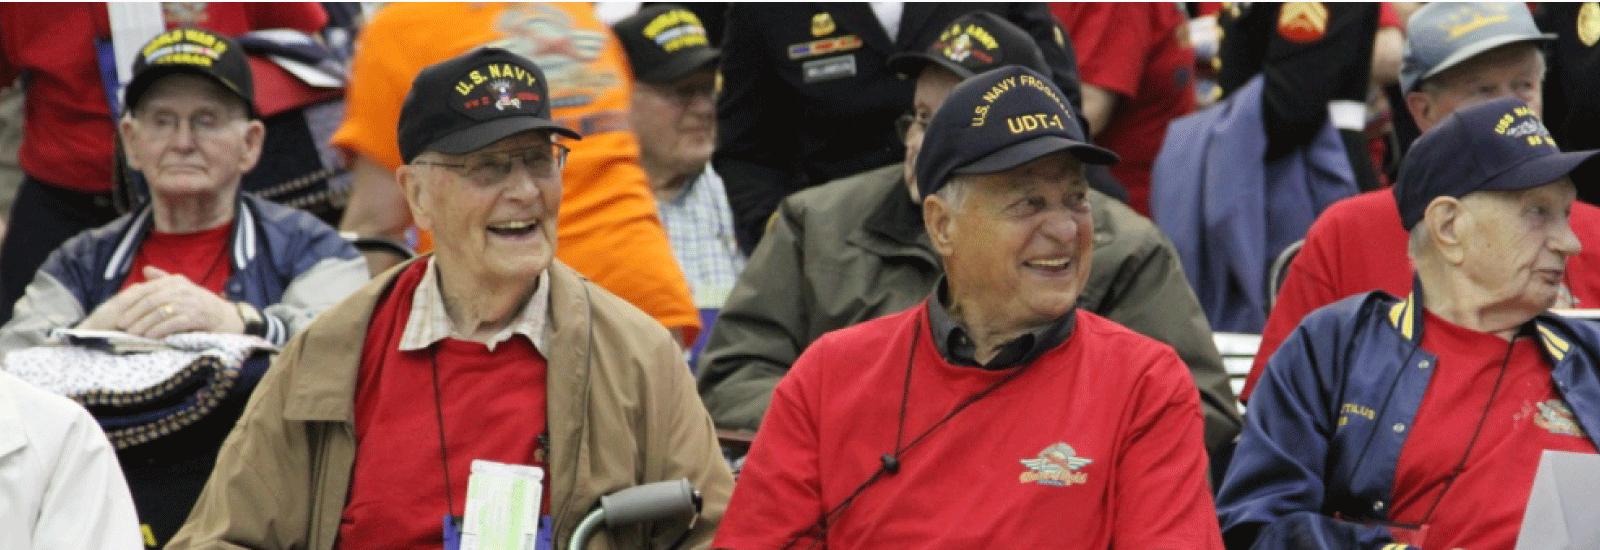 Veterans Affairs